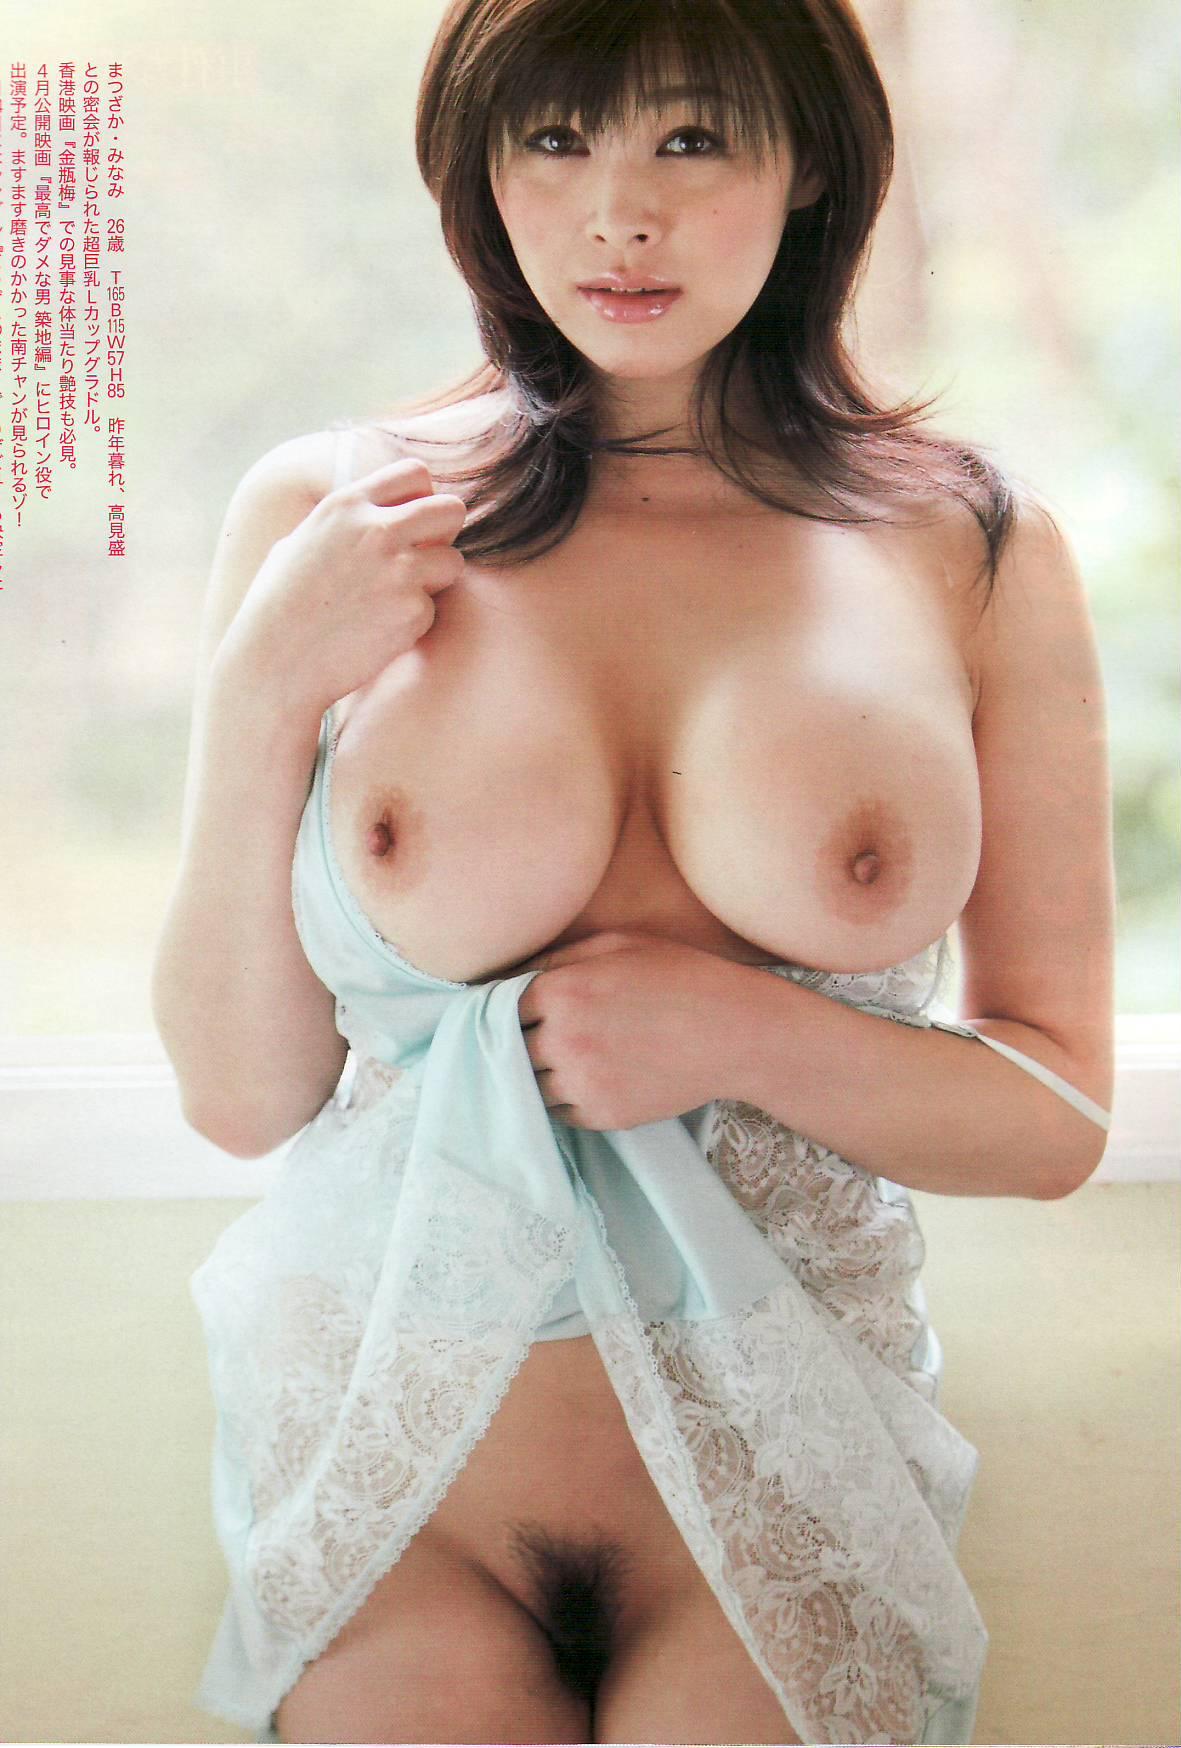 minami-matsuzaka-2